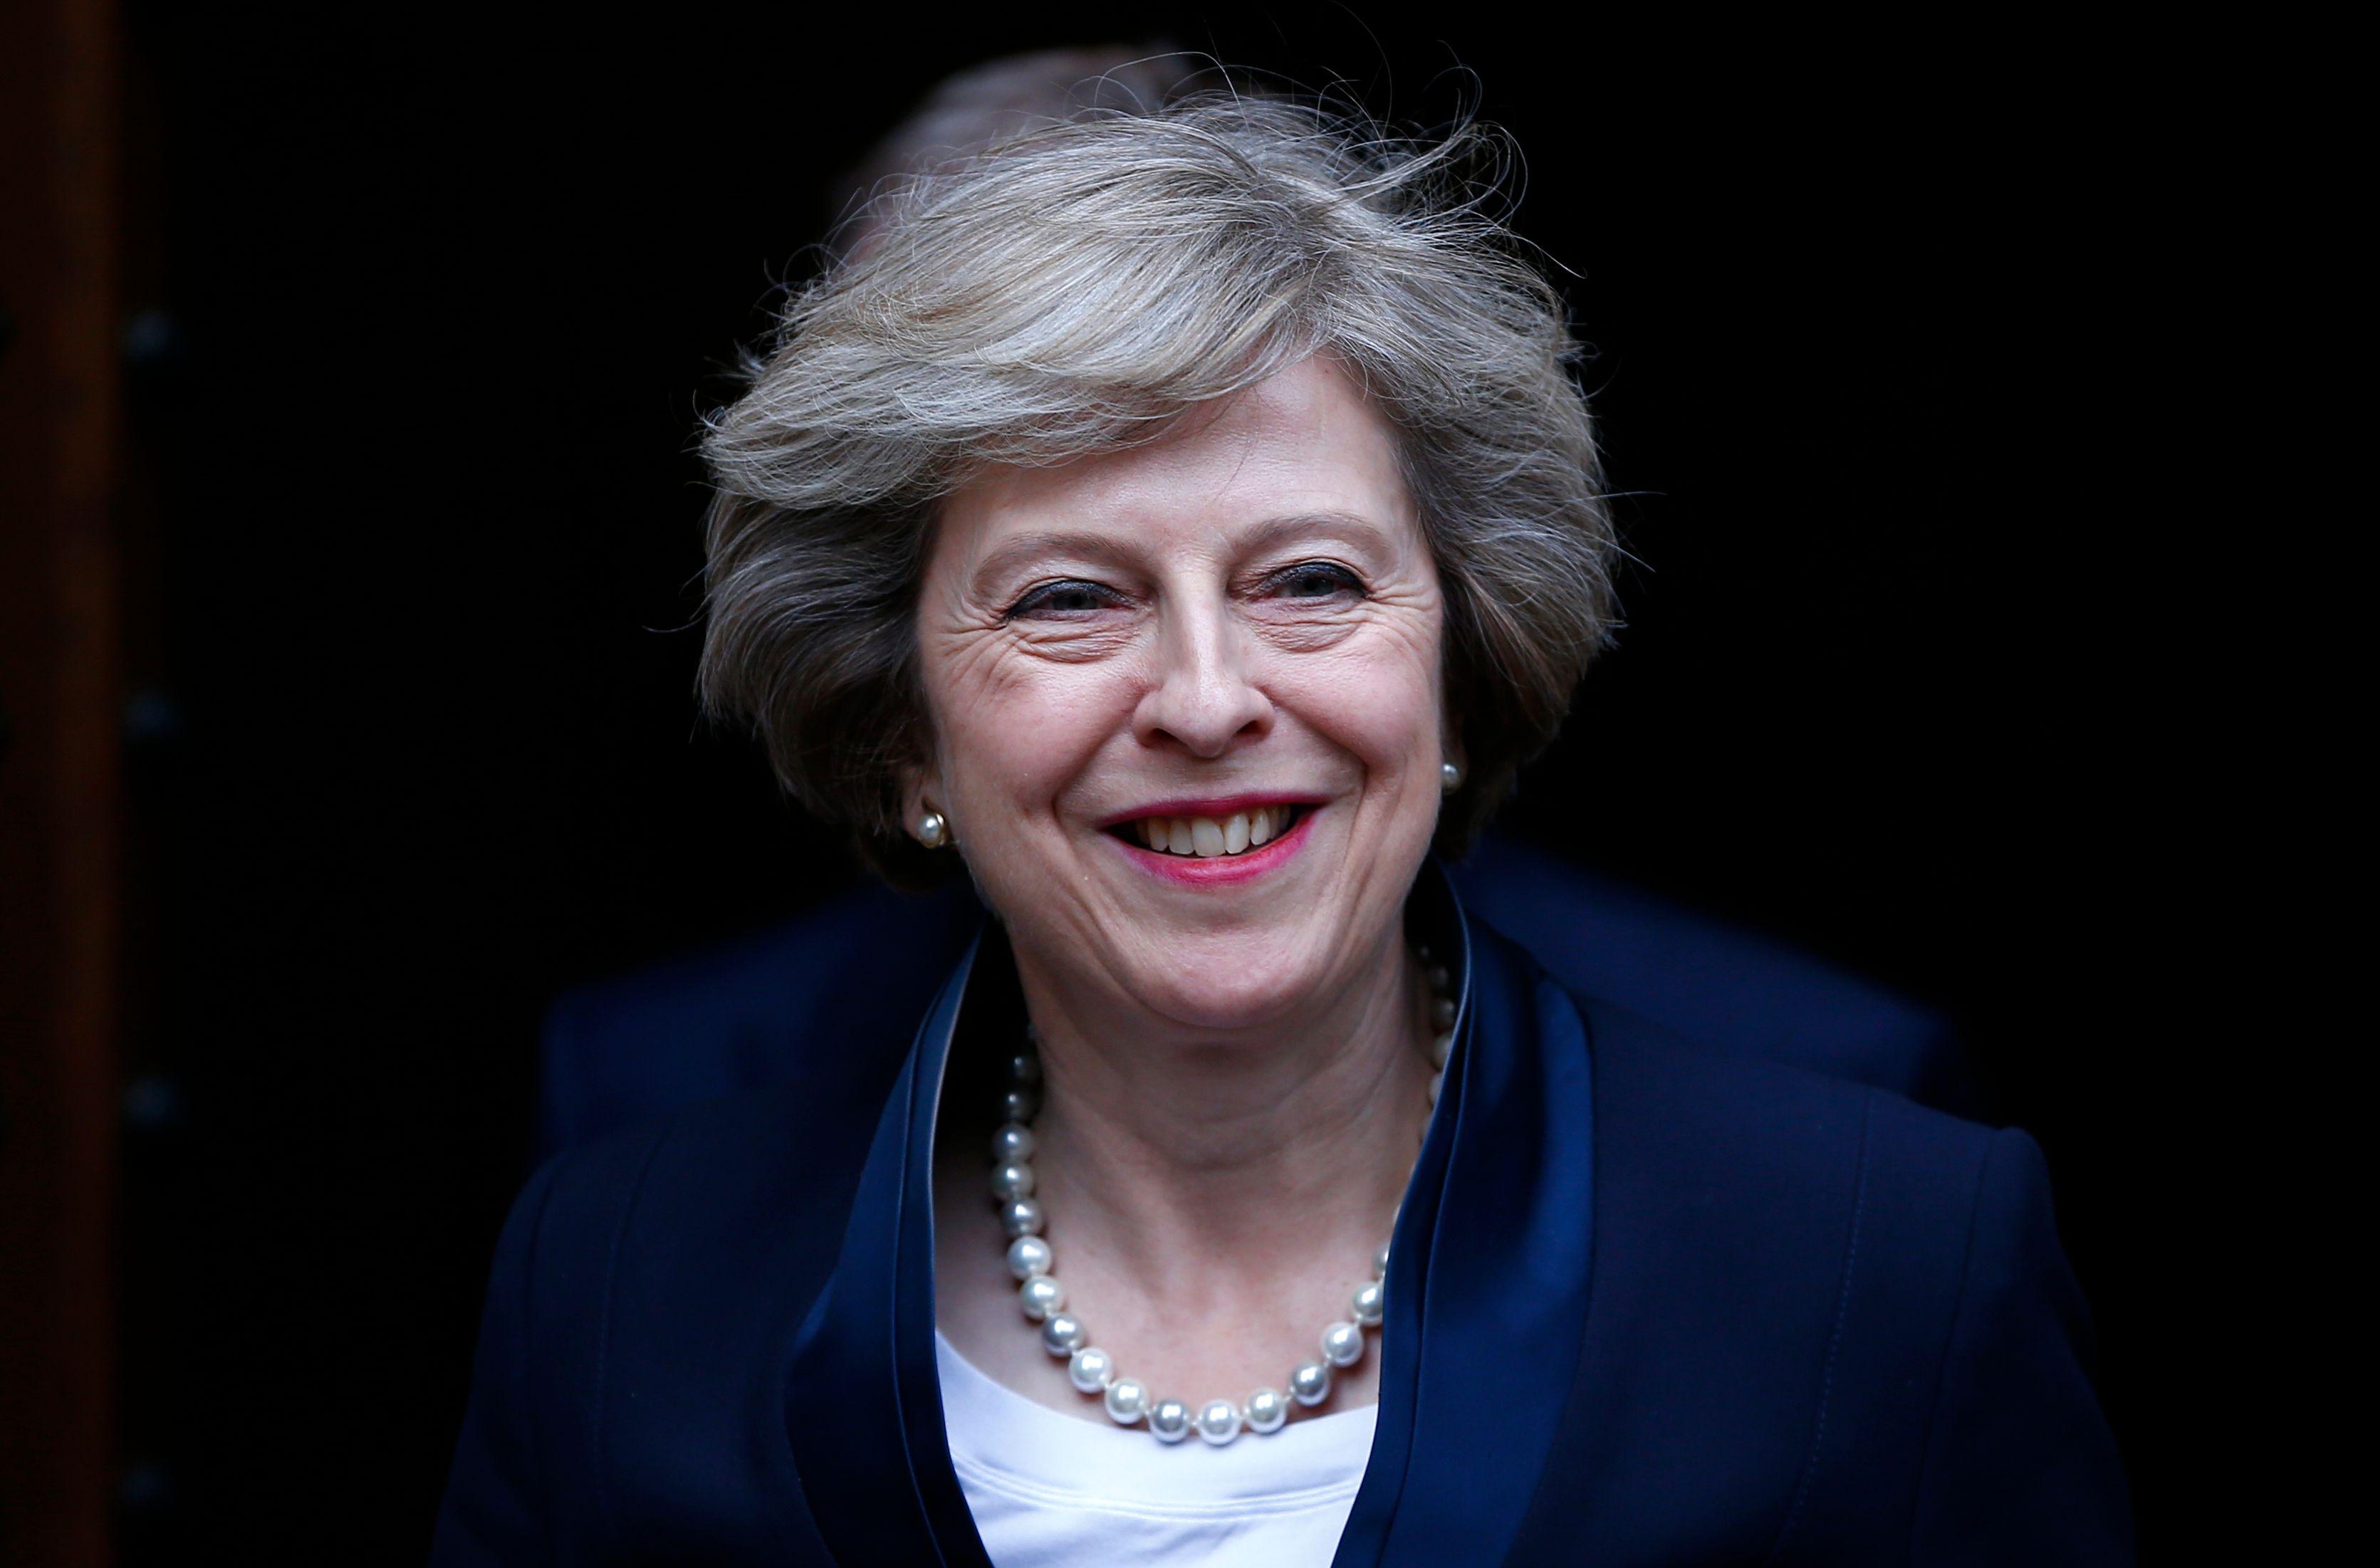 Coup de projecteur sur Theresa May, prochain Premier ministre britannique